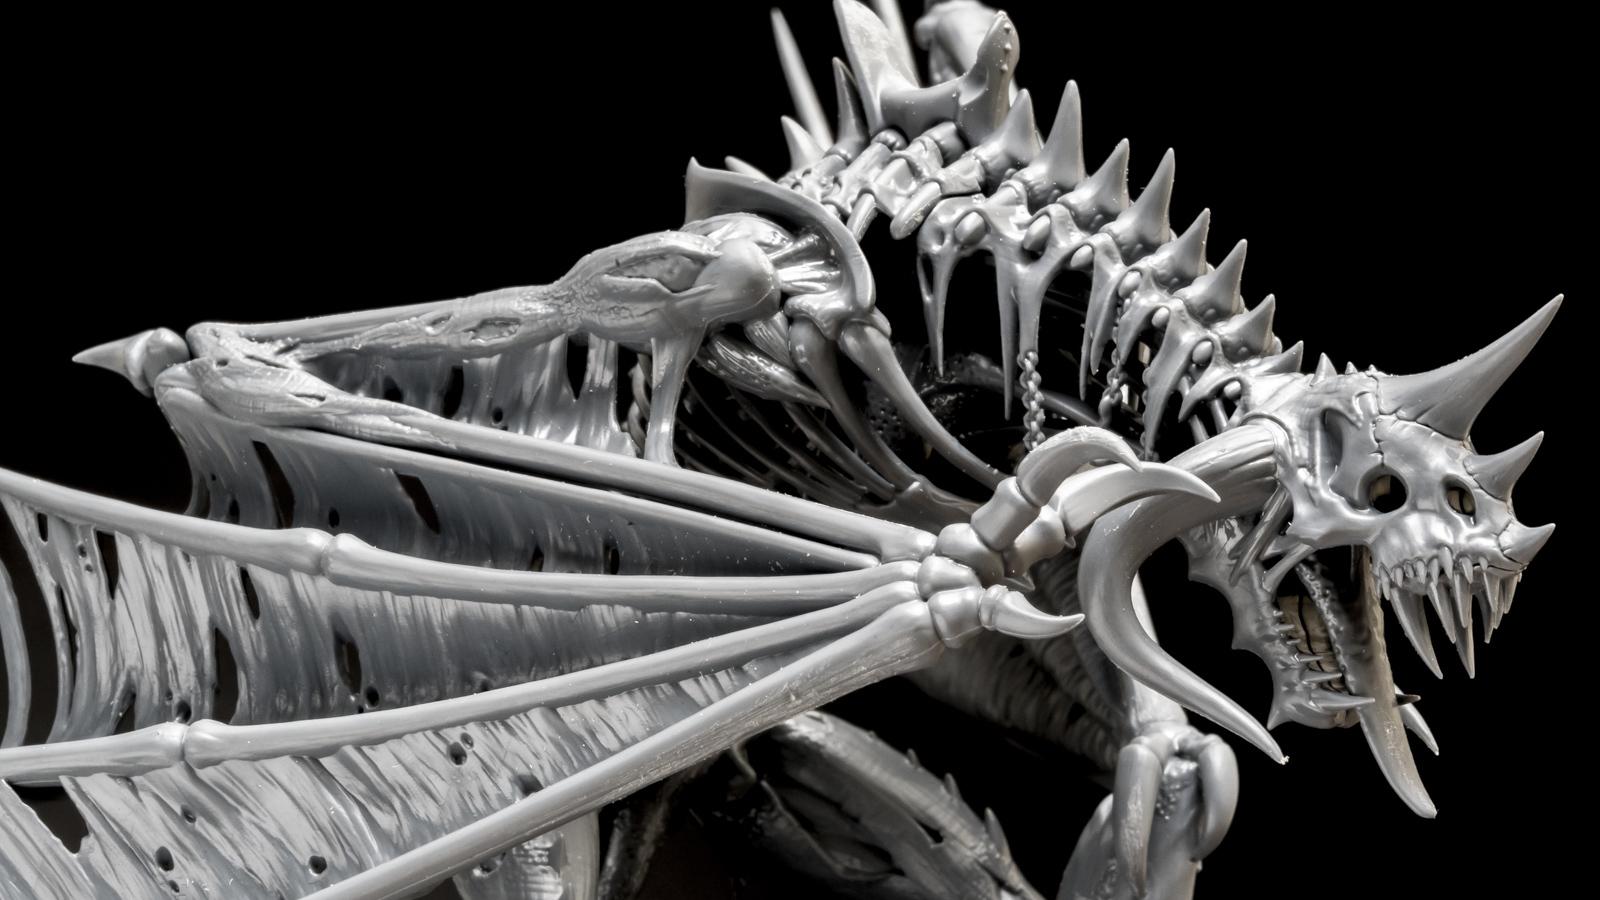 キミは腐ったドラゴンのプラモデルを組んだことがあるか(前編)_b0029315_23395167.jpg